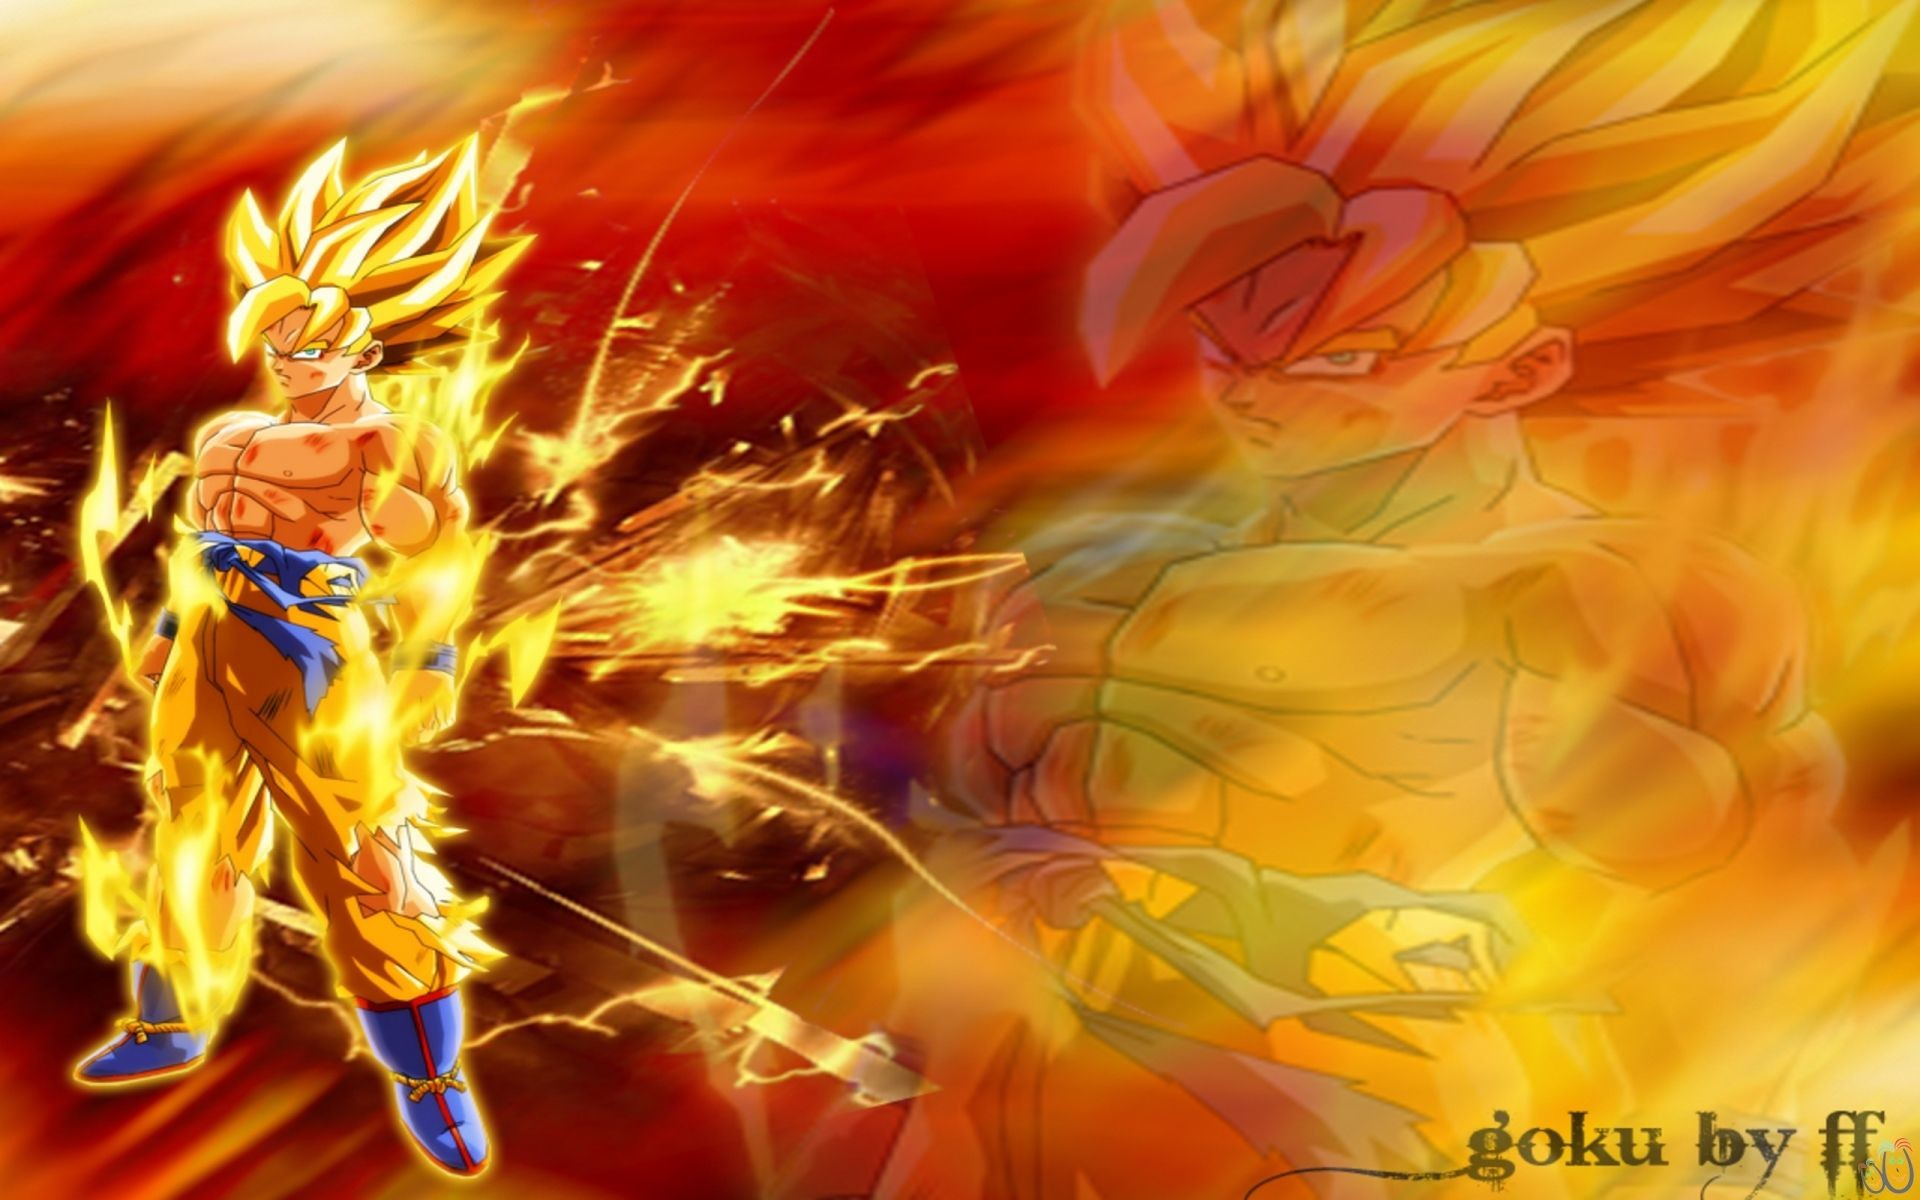 Dragon Ball Z Goku Wallpapers High Quality